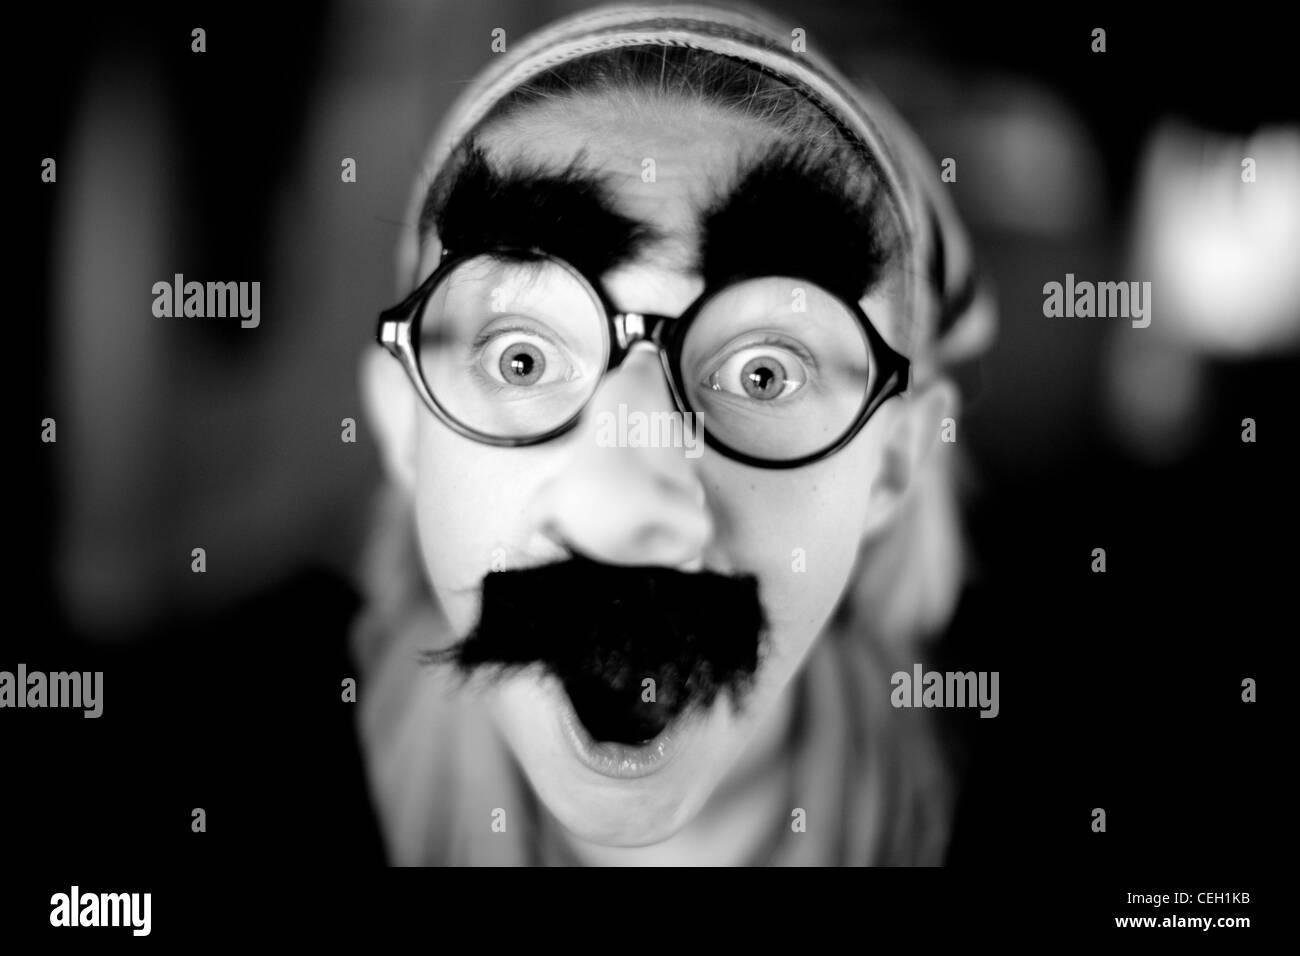 Retrato de monocromática vestida de máscara tonto Imagen De Stock